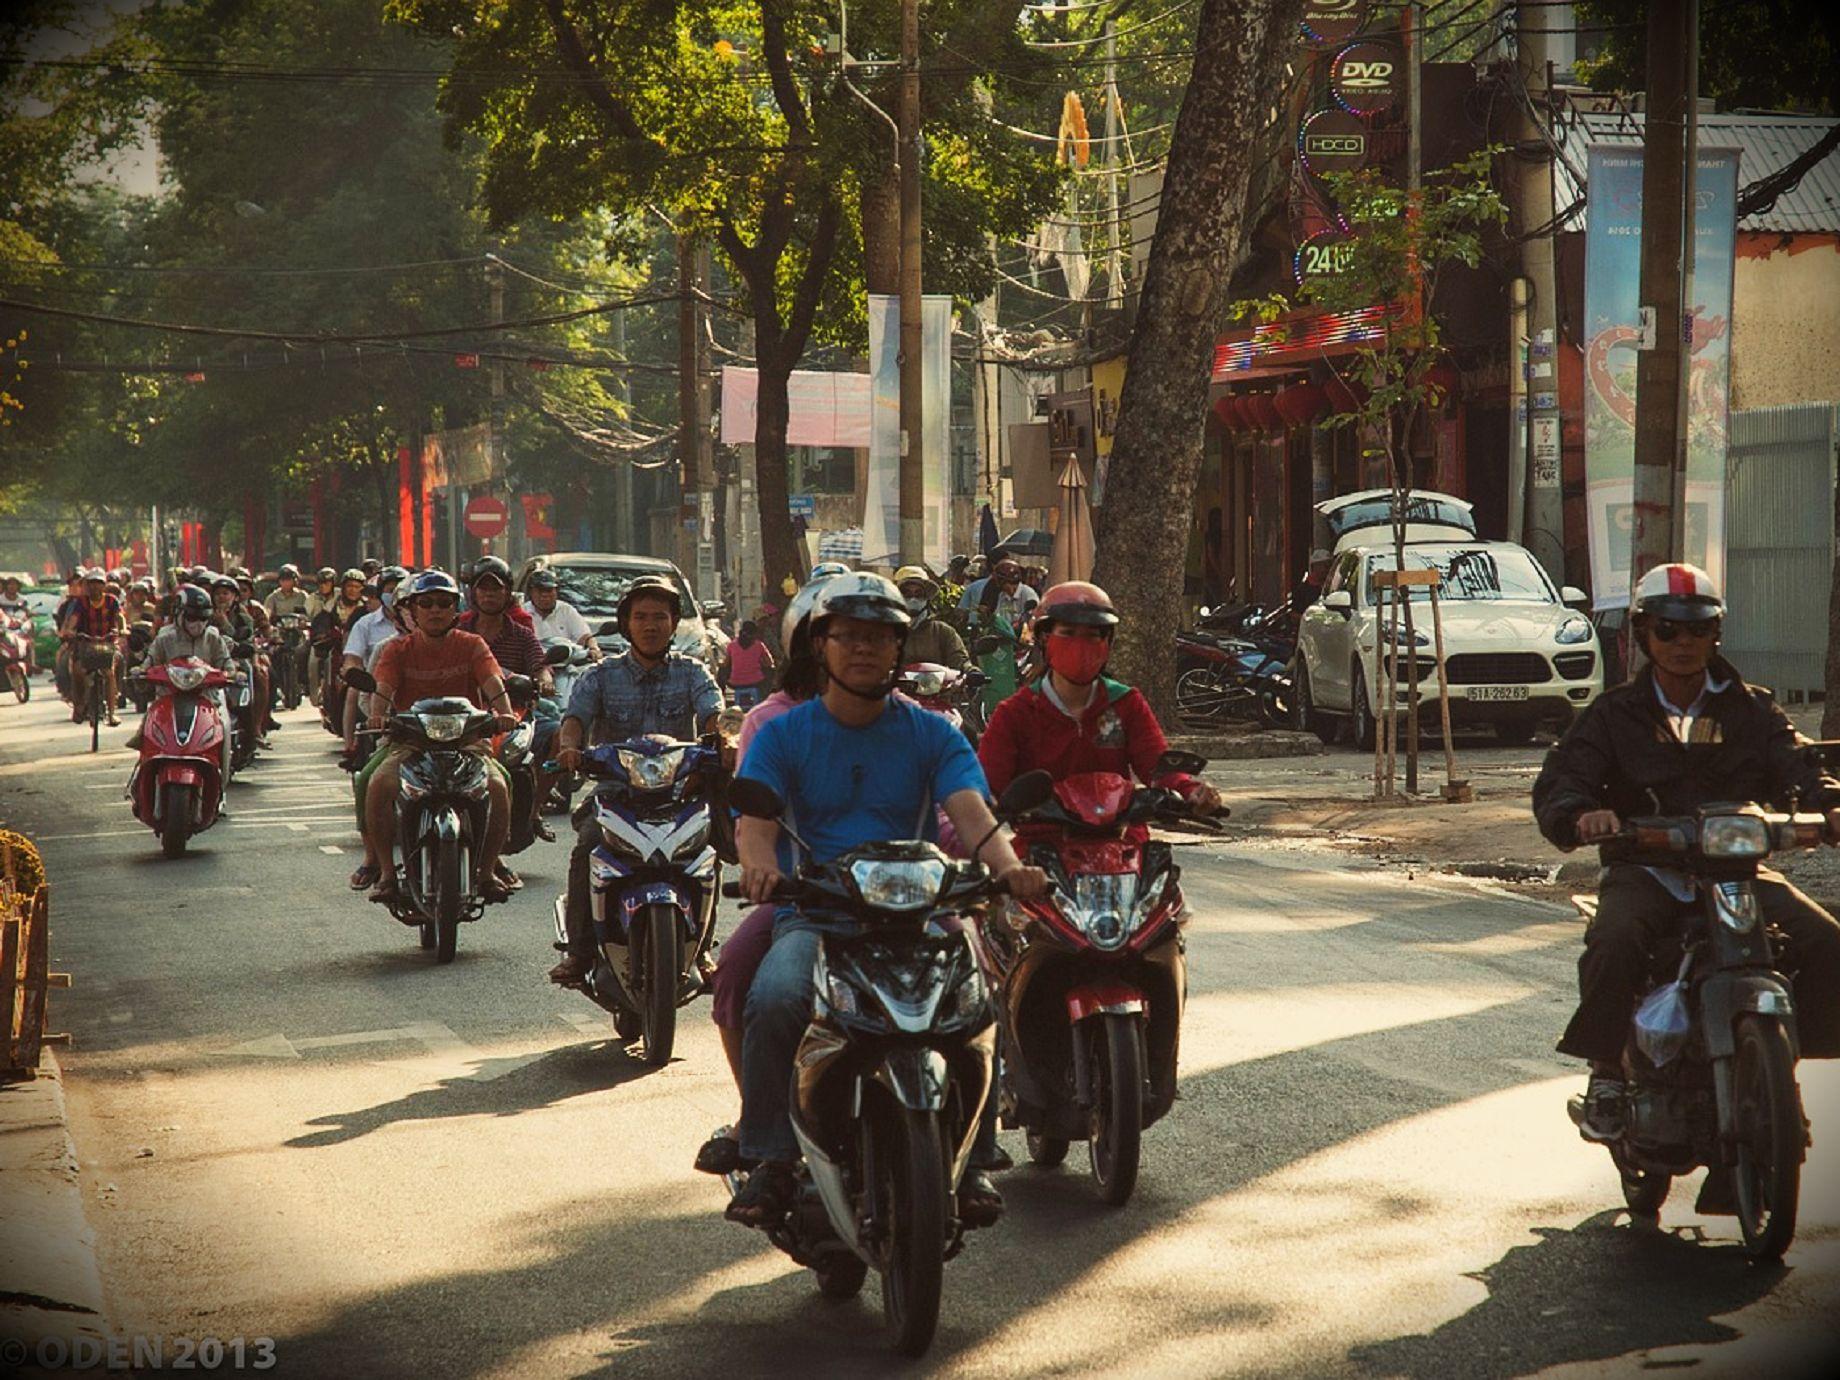 暫時不要管Uber了,你知道在印尼用App叫的是計程摩托車嗎?